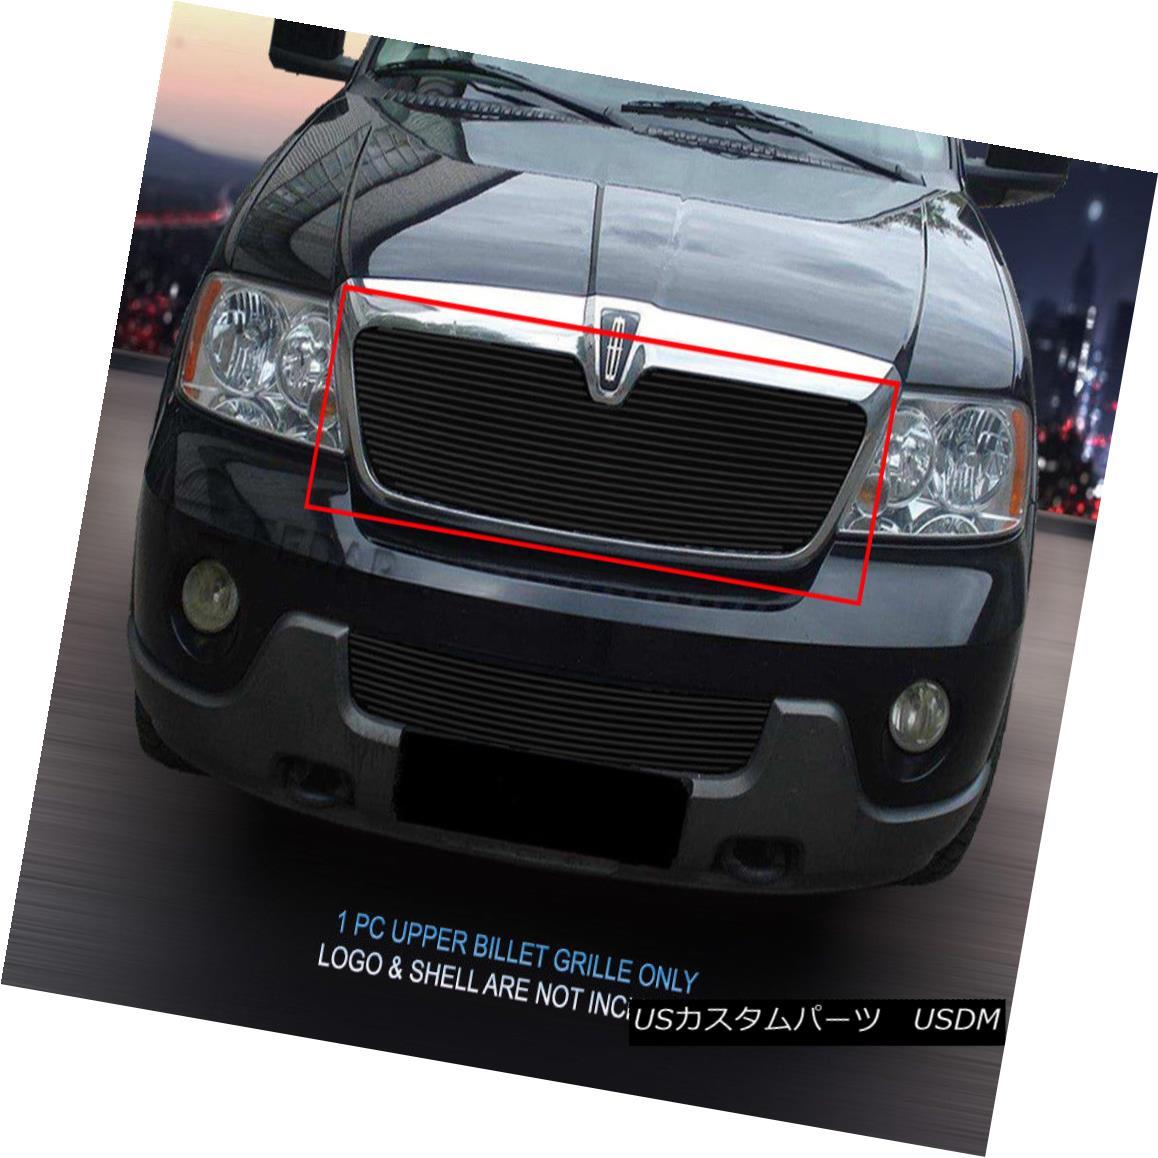 グリル 03-04 Lincoln Navigator Black Billet Grille Grill Upper Insert Fedar 03-04リンカーンナビゲーターブラックビレットグリルグリルアッパーインサートフェルダー